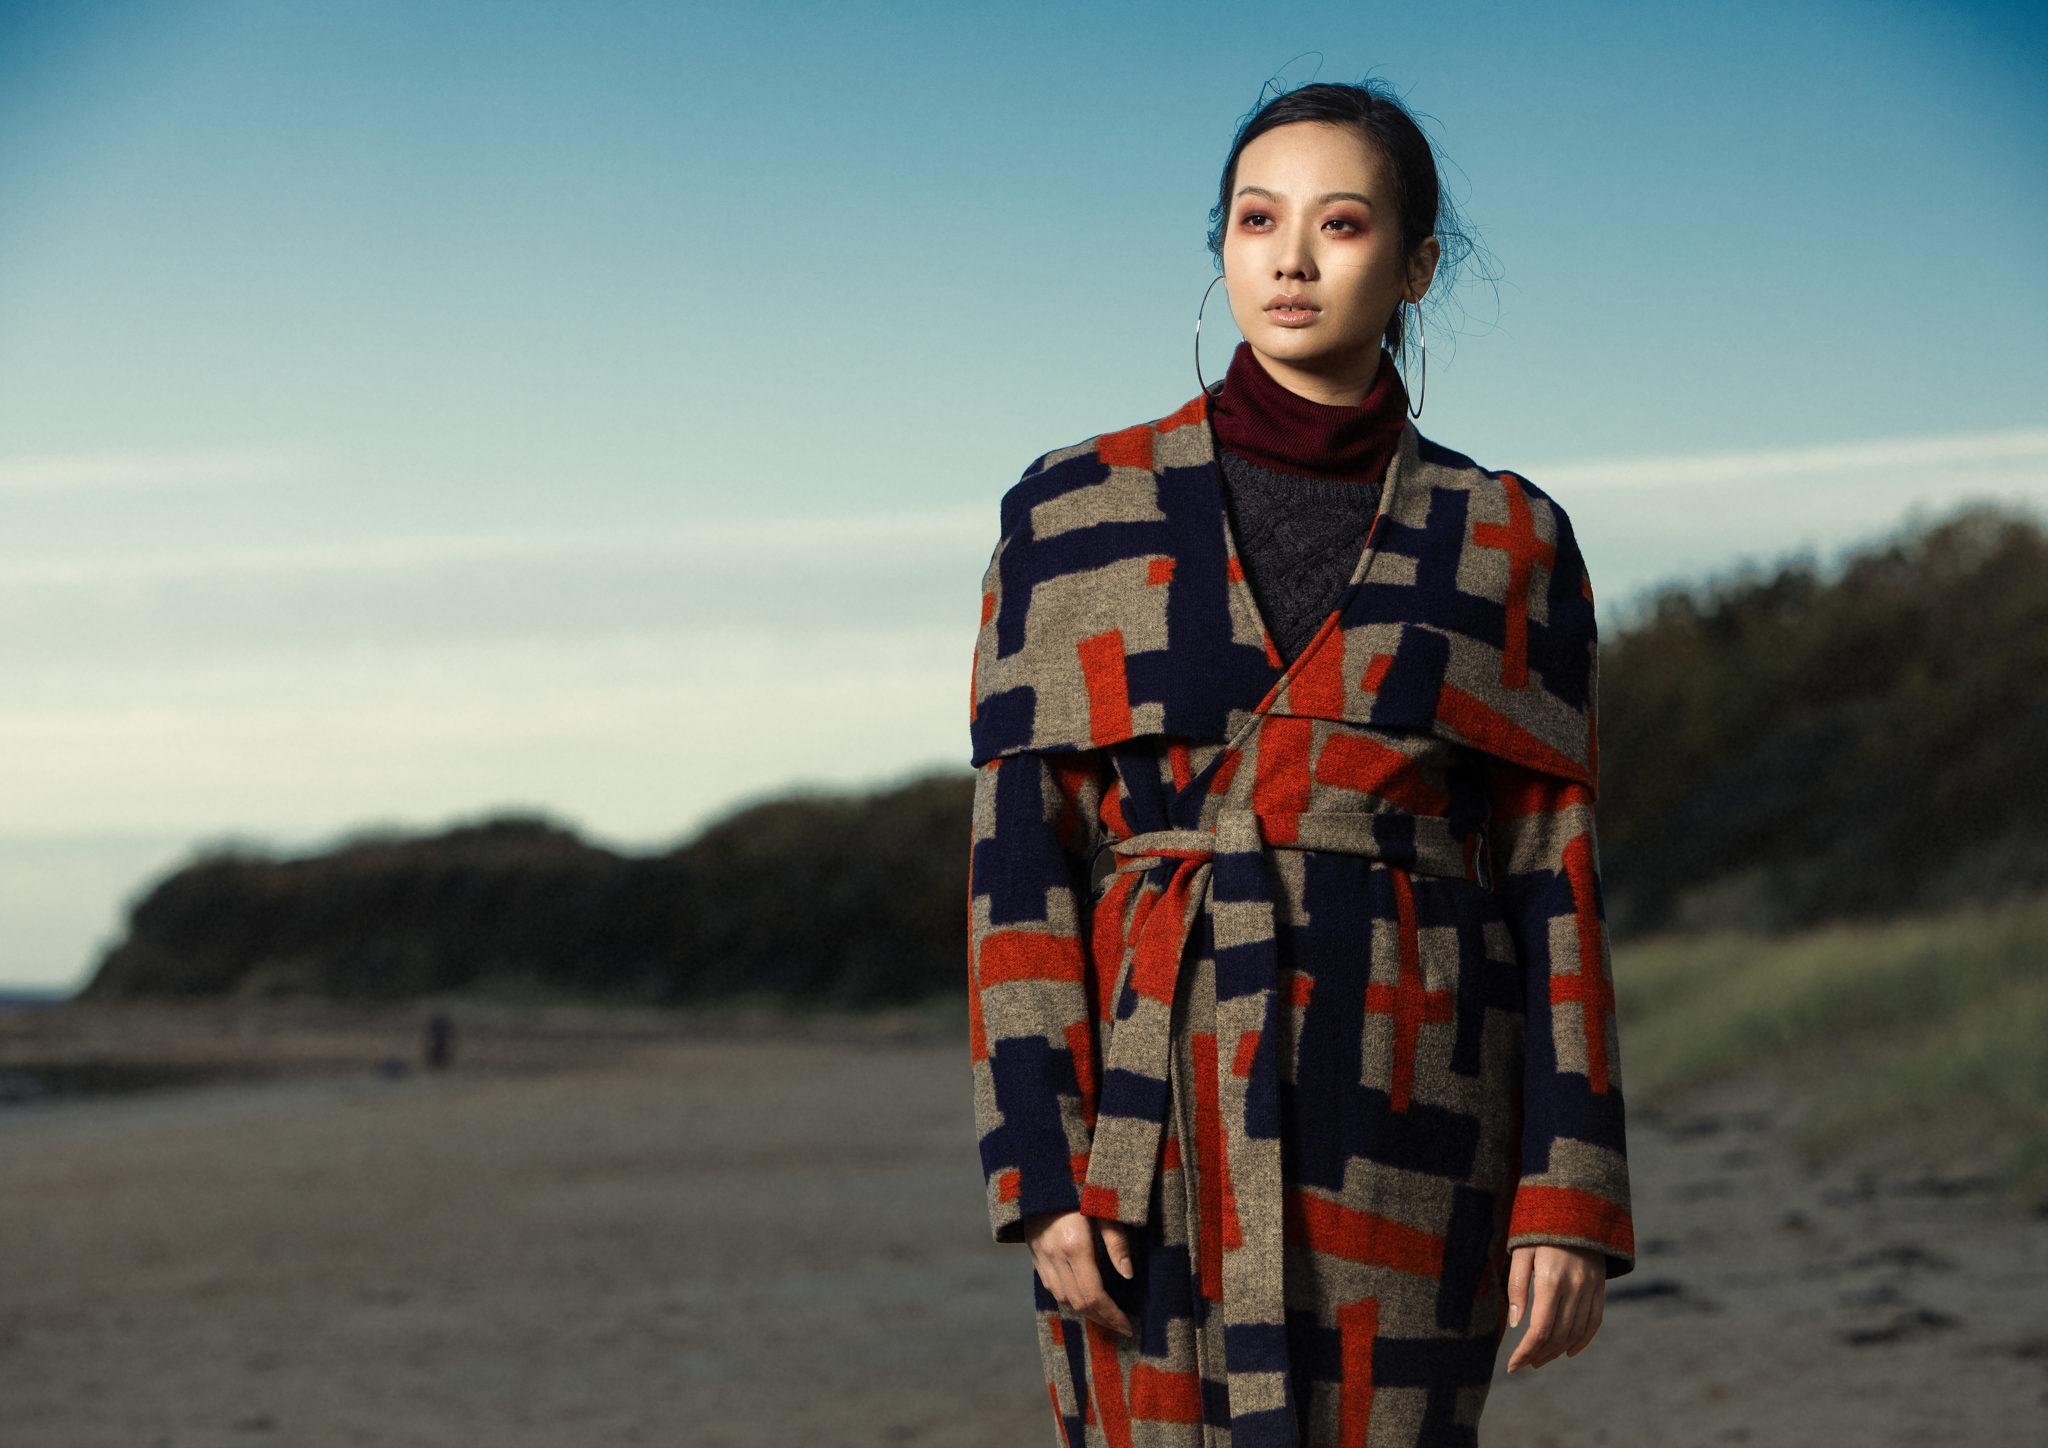 seacliff le dernier etage magazine fashion story editorial webditorial